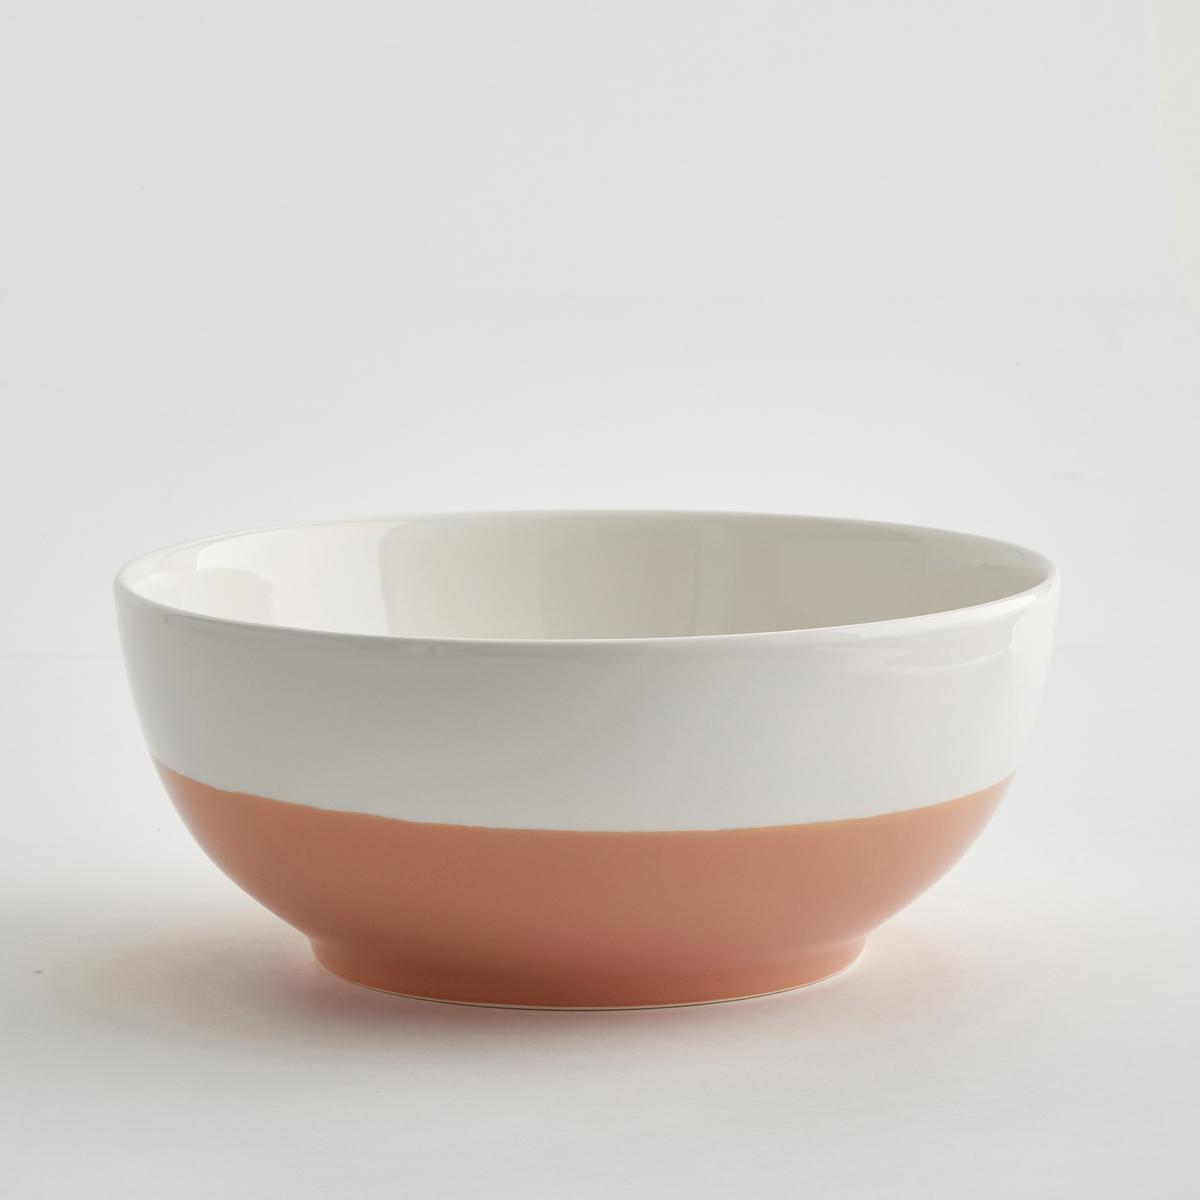 Салатница двухцветная из керамики, ZalatoХарактеристики двухцветной салатницы из керамики Zalato :Из керамики.Размеры двухцветной салатницы из керамики Zalato :Высота : 11 см.Диаметр. внизу : 16 см.Диаметр. вверху : 28 см.Цвета двухцветной салатницы из керамики Zalato :Белый / синий.Белый / розовый.Белый / зеленый.  Другие салатницы и предметы декора стола вы можете найти на сайте laredoute.ru<br><br>Цвет: белый + светло-зеленый,белый/ розовая пудра,белый/синий глубокий